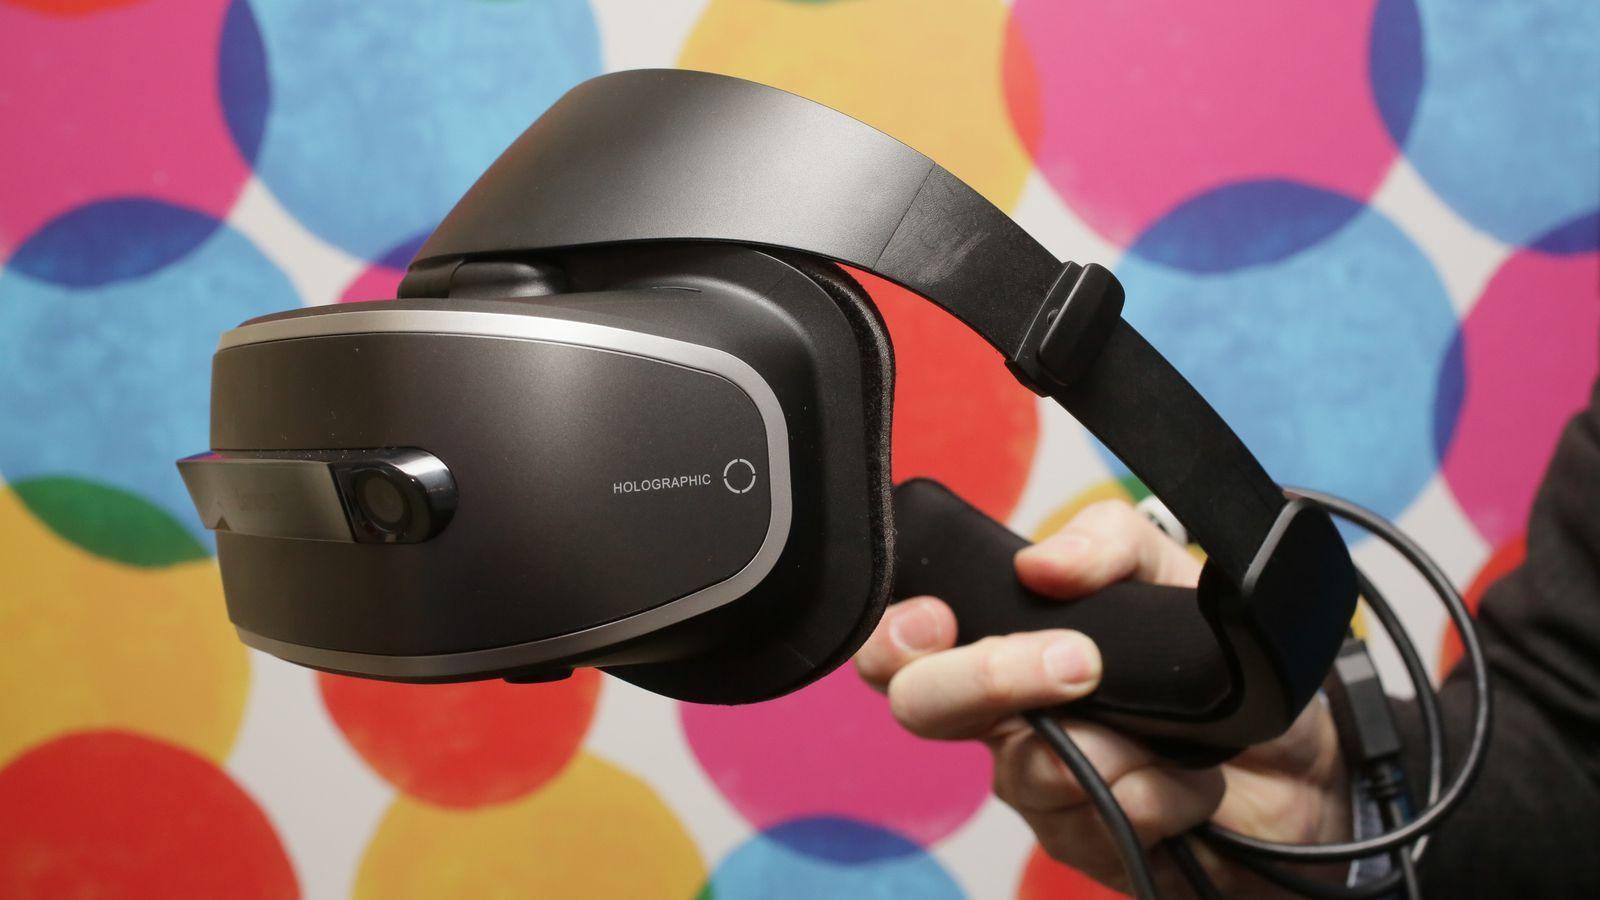 c10ab3df783b Virtual reality glasses articles